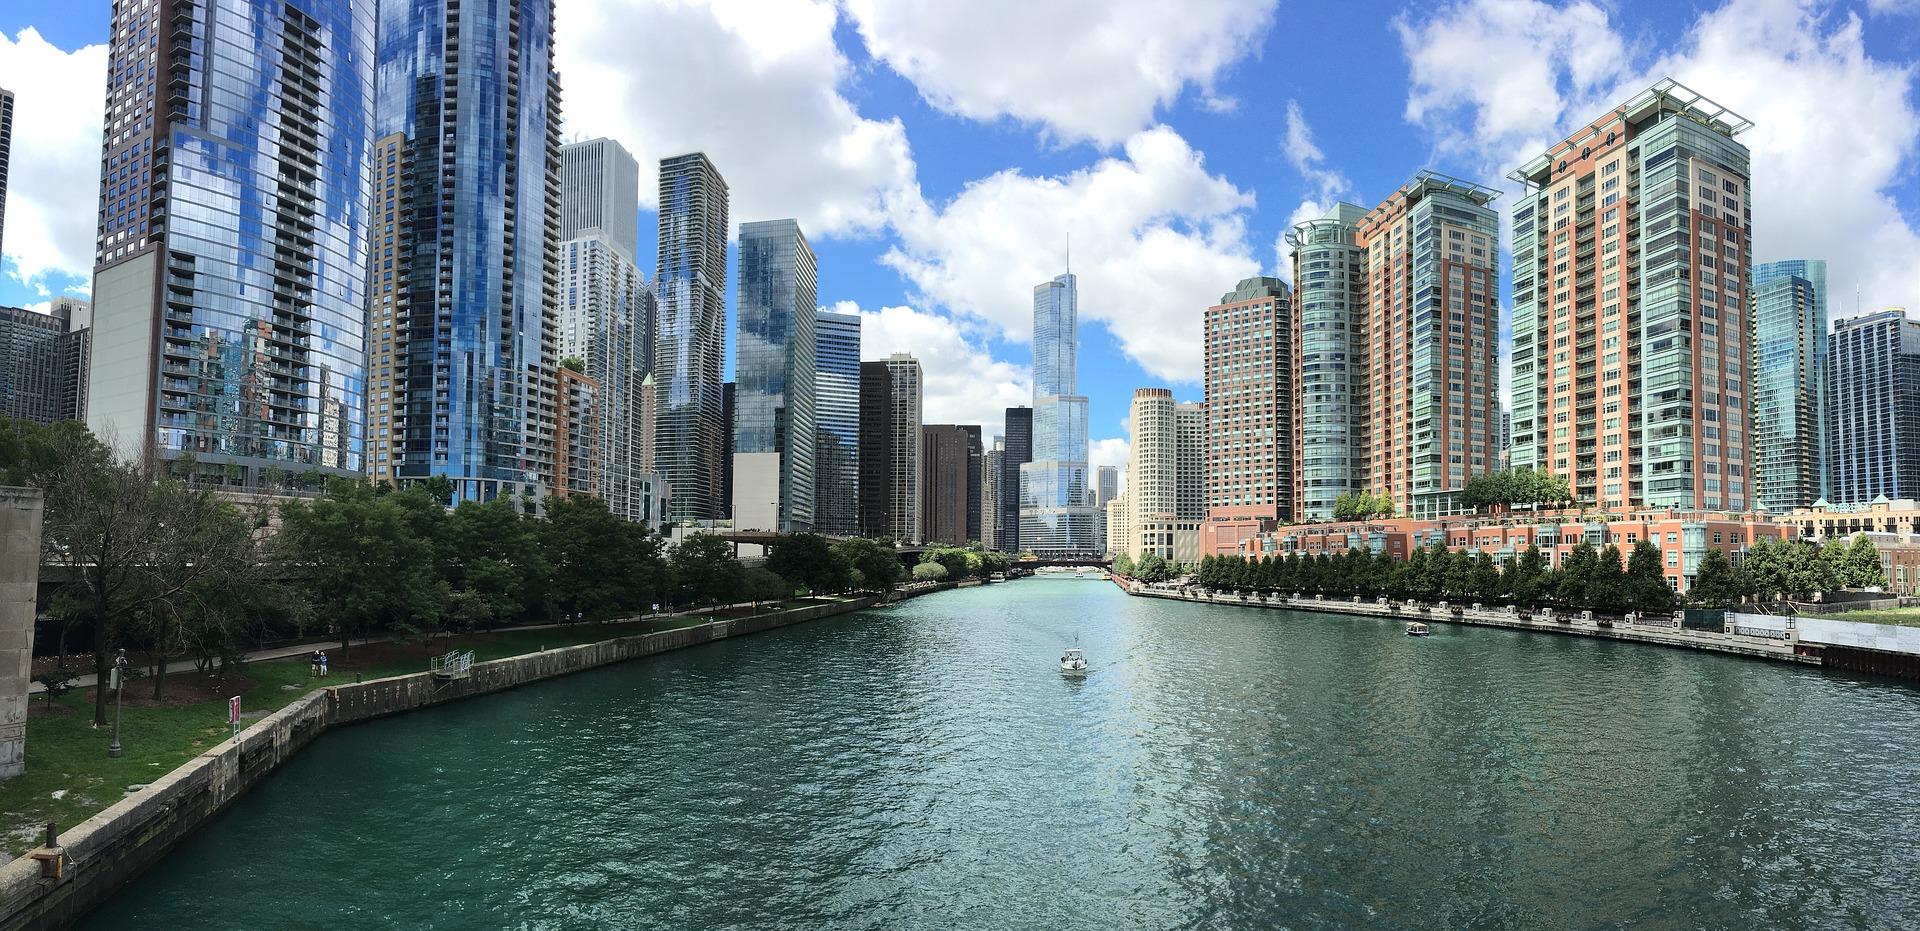 Ajustar las emisiones de carbono evitaría las muertes relacionadas con el calor en las ciudades de EE. UU.